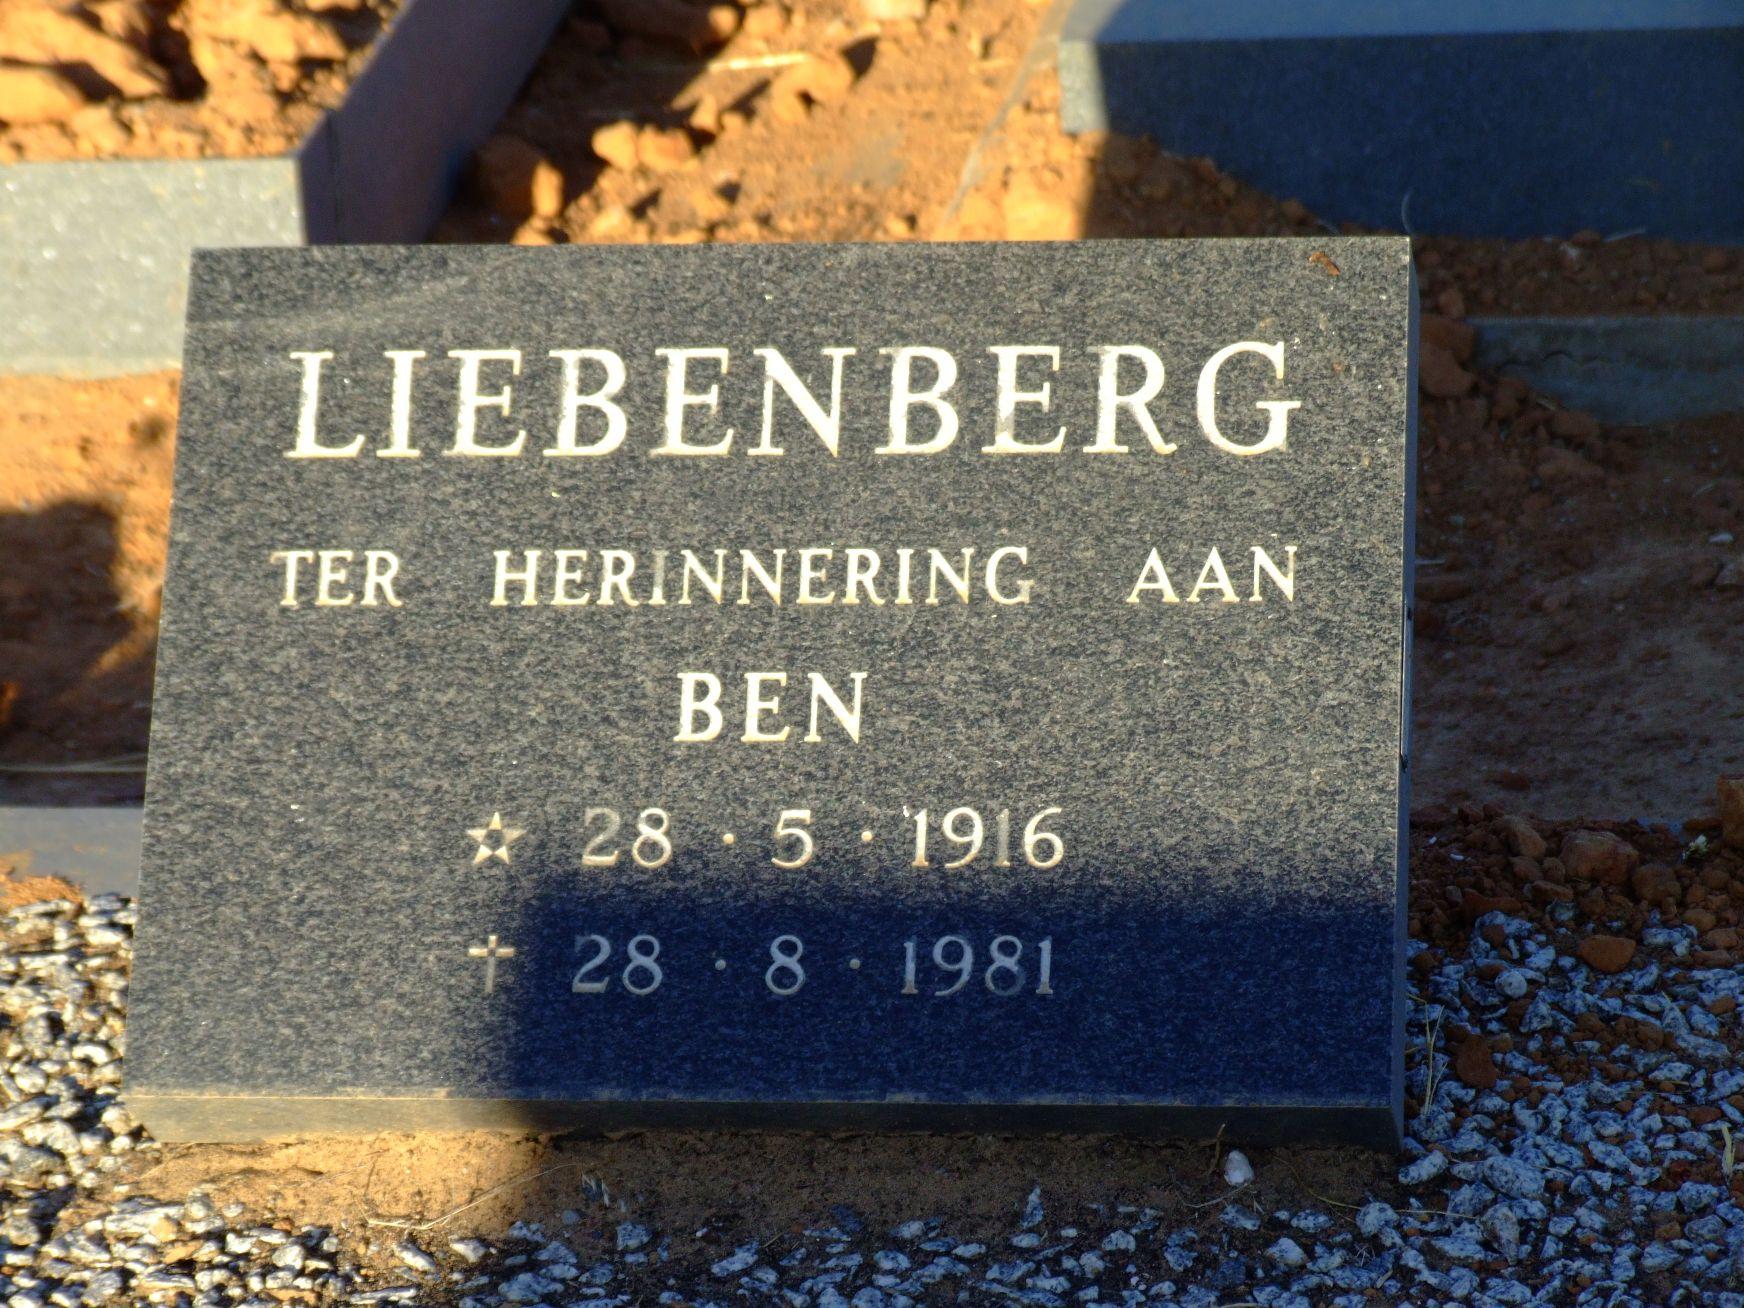 Liebenberg, Ben